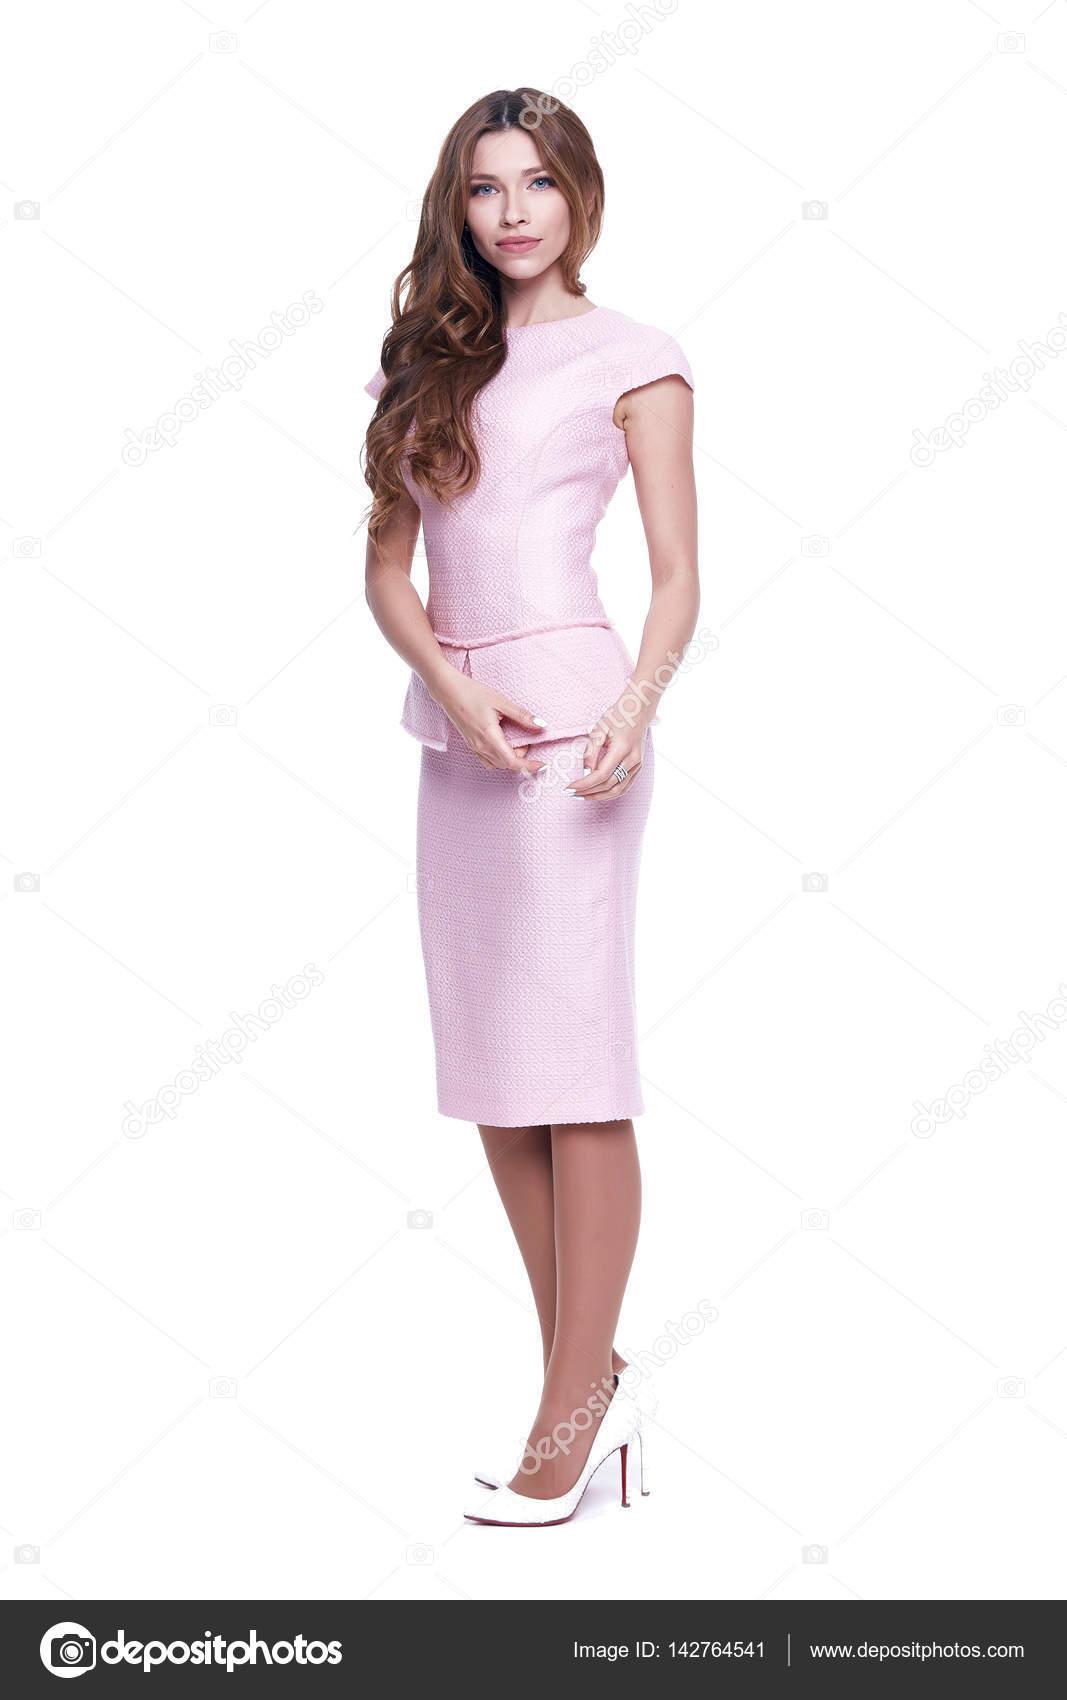 Schönheit Frau Modell tragen stilvolles Design Kleidung rosa Kleid ...